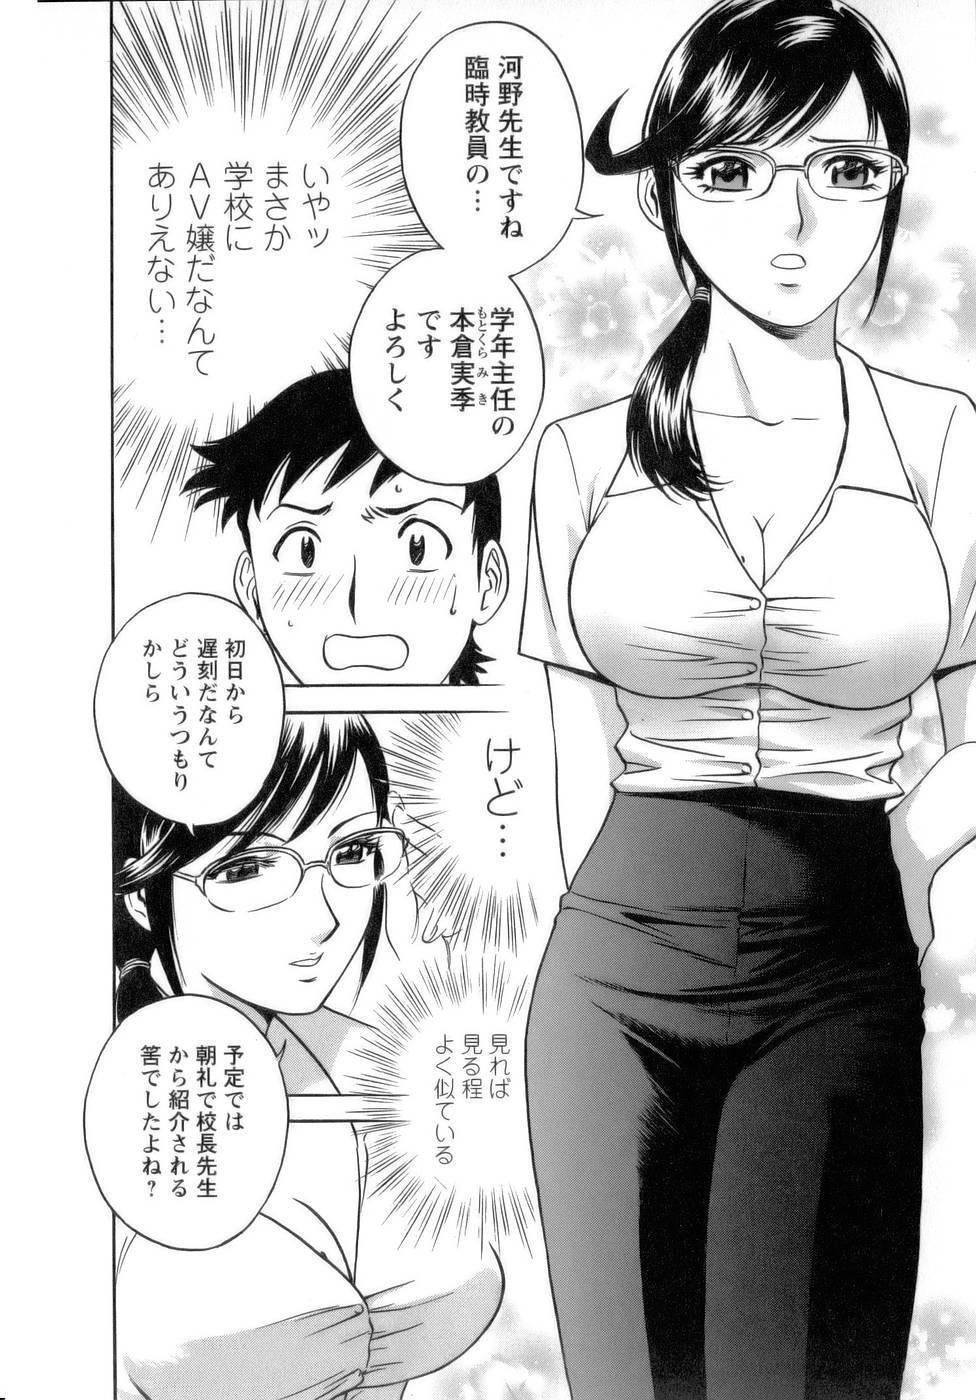 [Hidemaru] Mo-Retsu! Boin Sensei (Boing Boing Teacher) Vol.1 14